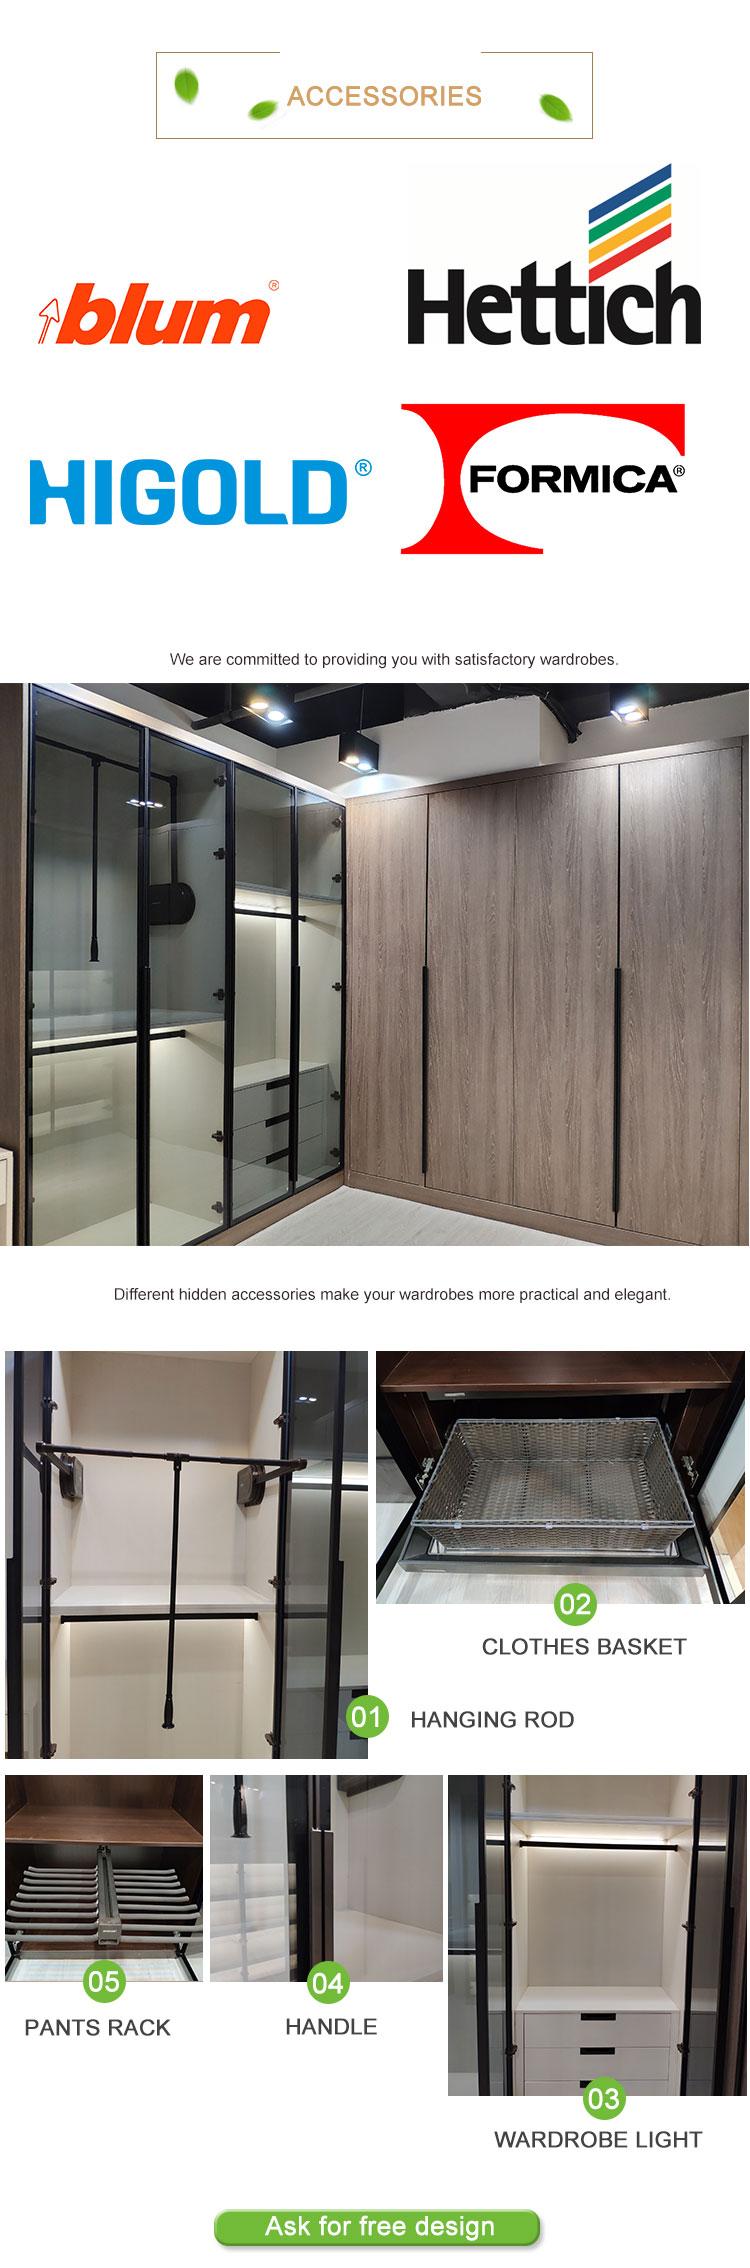 แบบกำหนดเองออกแบบห้องนอนตู้เสื้อผ้าไม้ Bellona ตู้เสื้อผ้ารุ่นและราคา